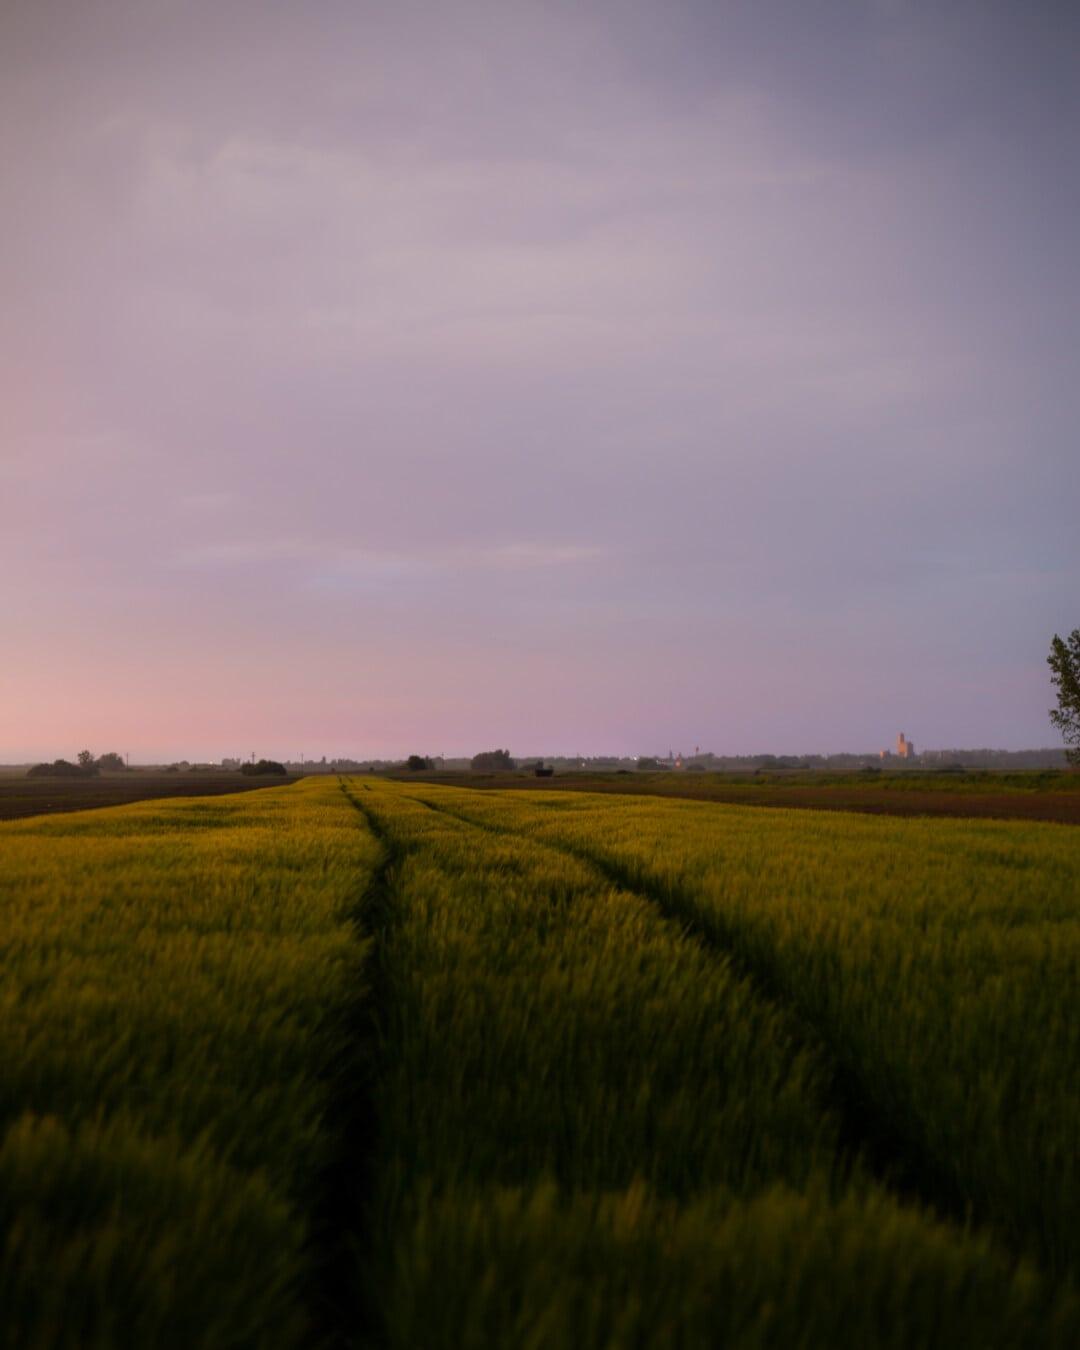 soirée, aube, champ de blé, blé, coucher de soleil, paysage, domaine, herbe, prairie, campagne